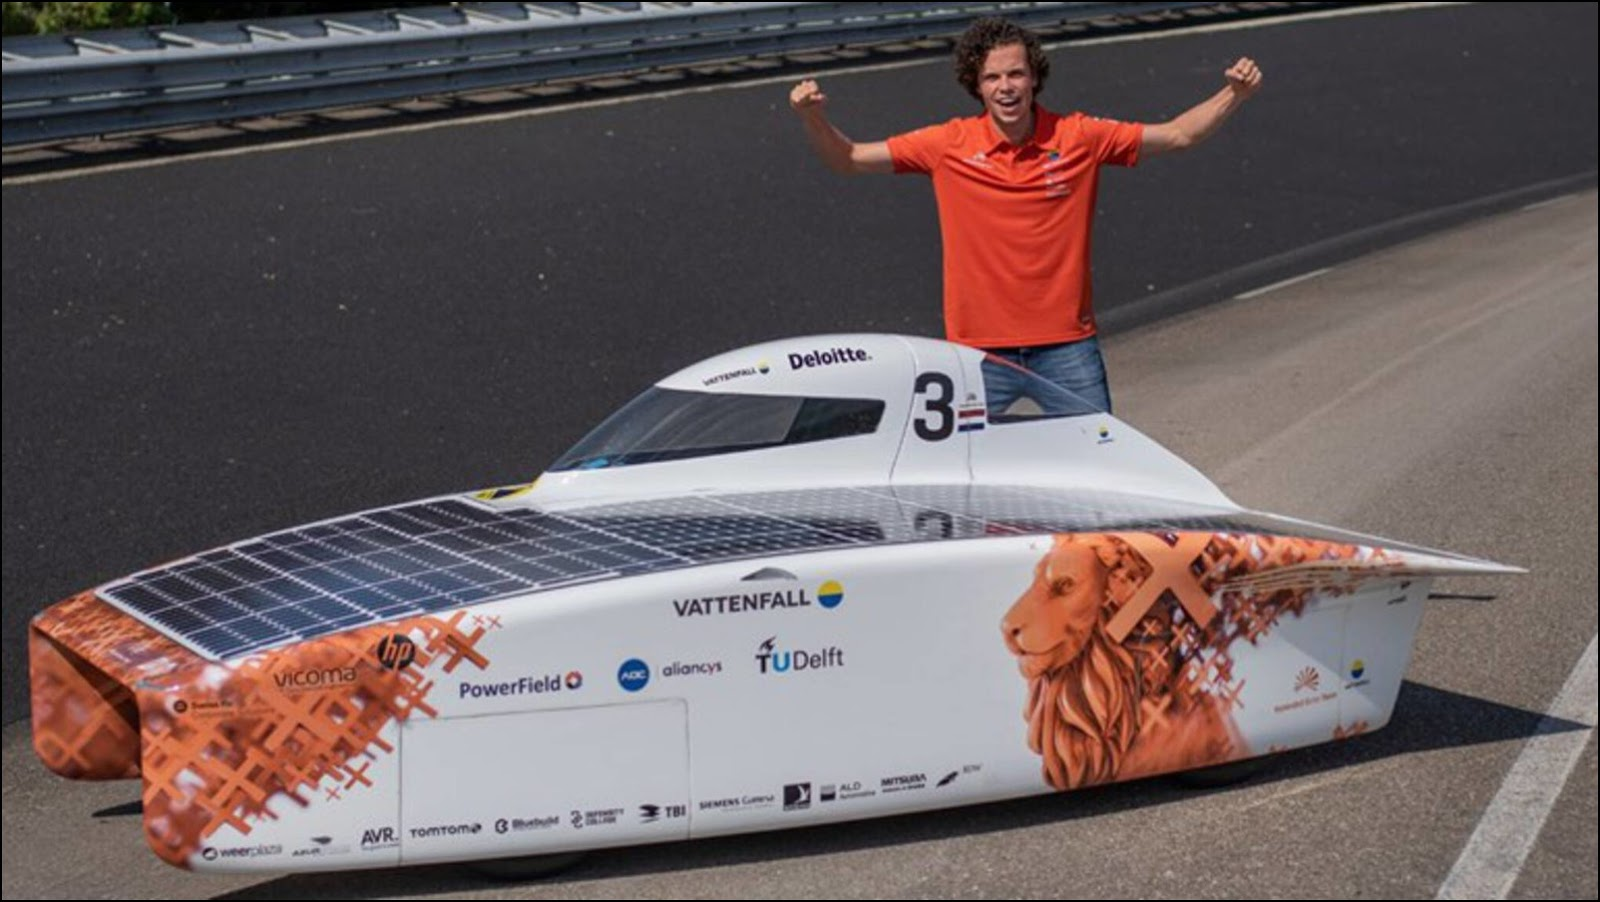 Солнцемобиль NunaX перед стартом. Фото: Hans-Peter van Velthoven.